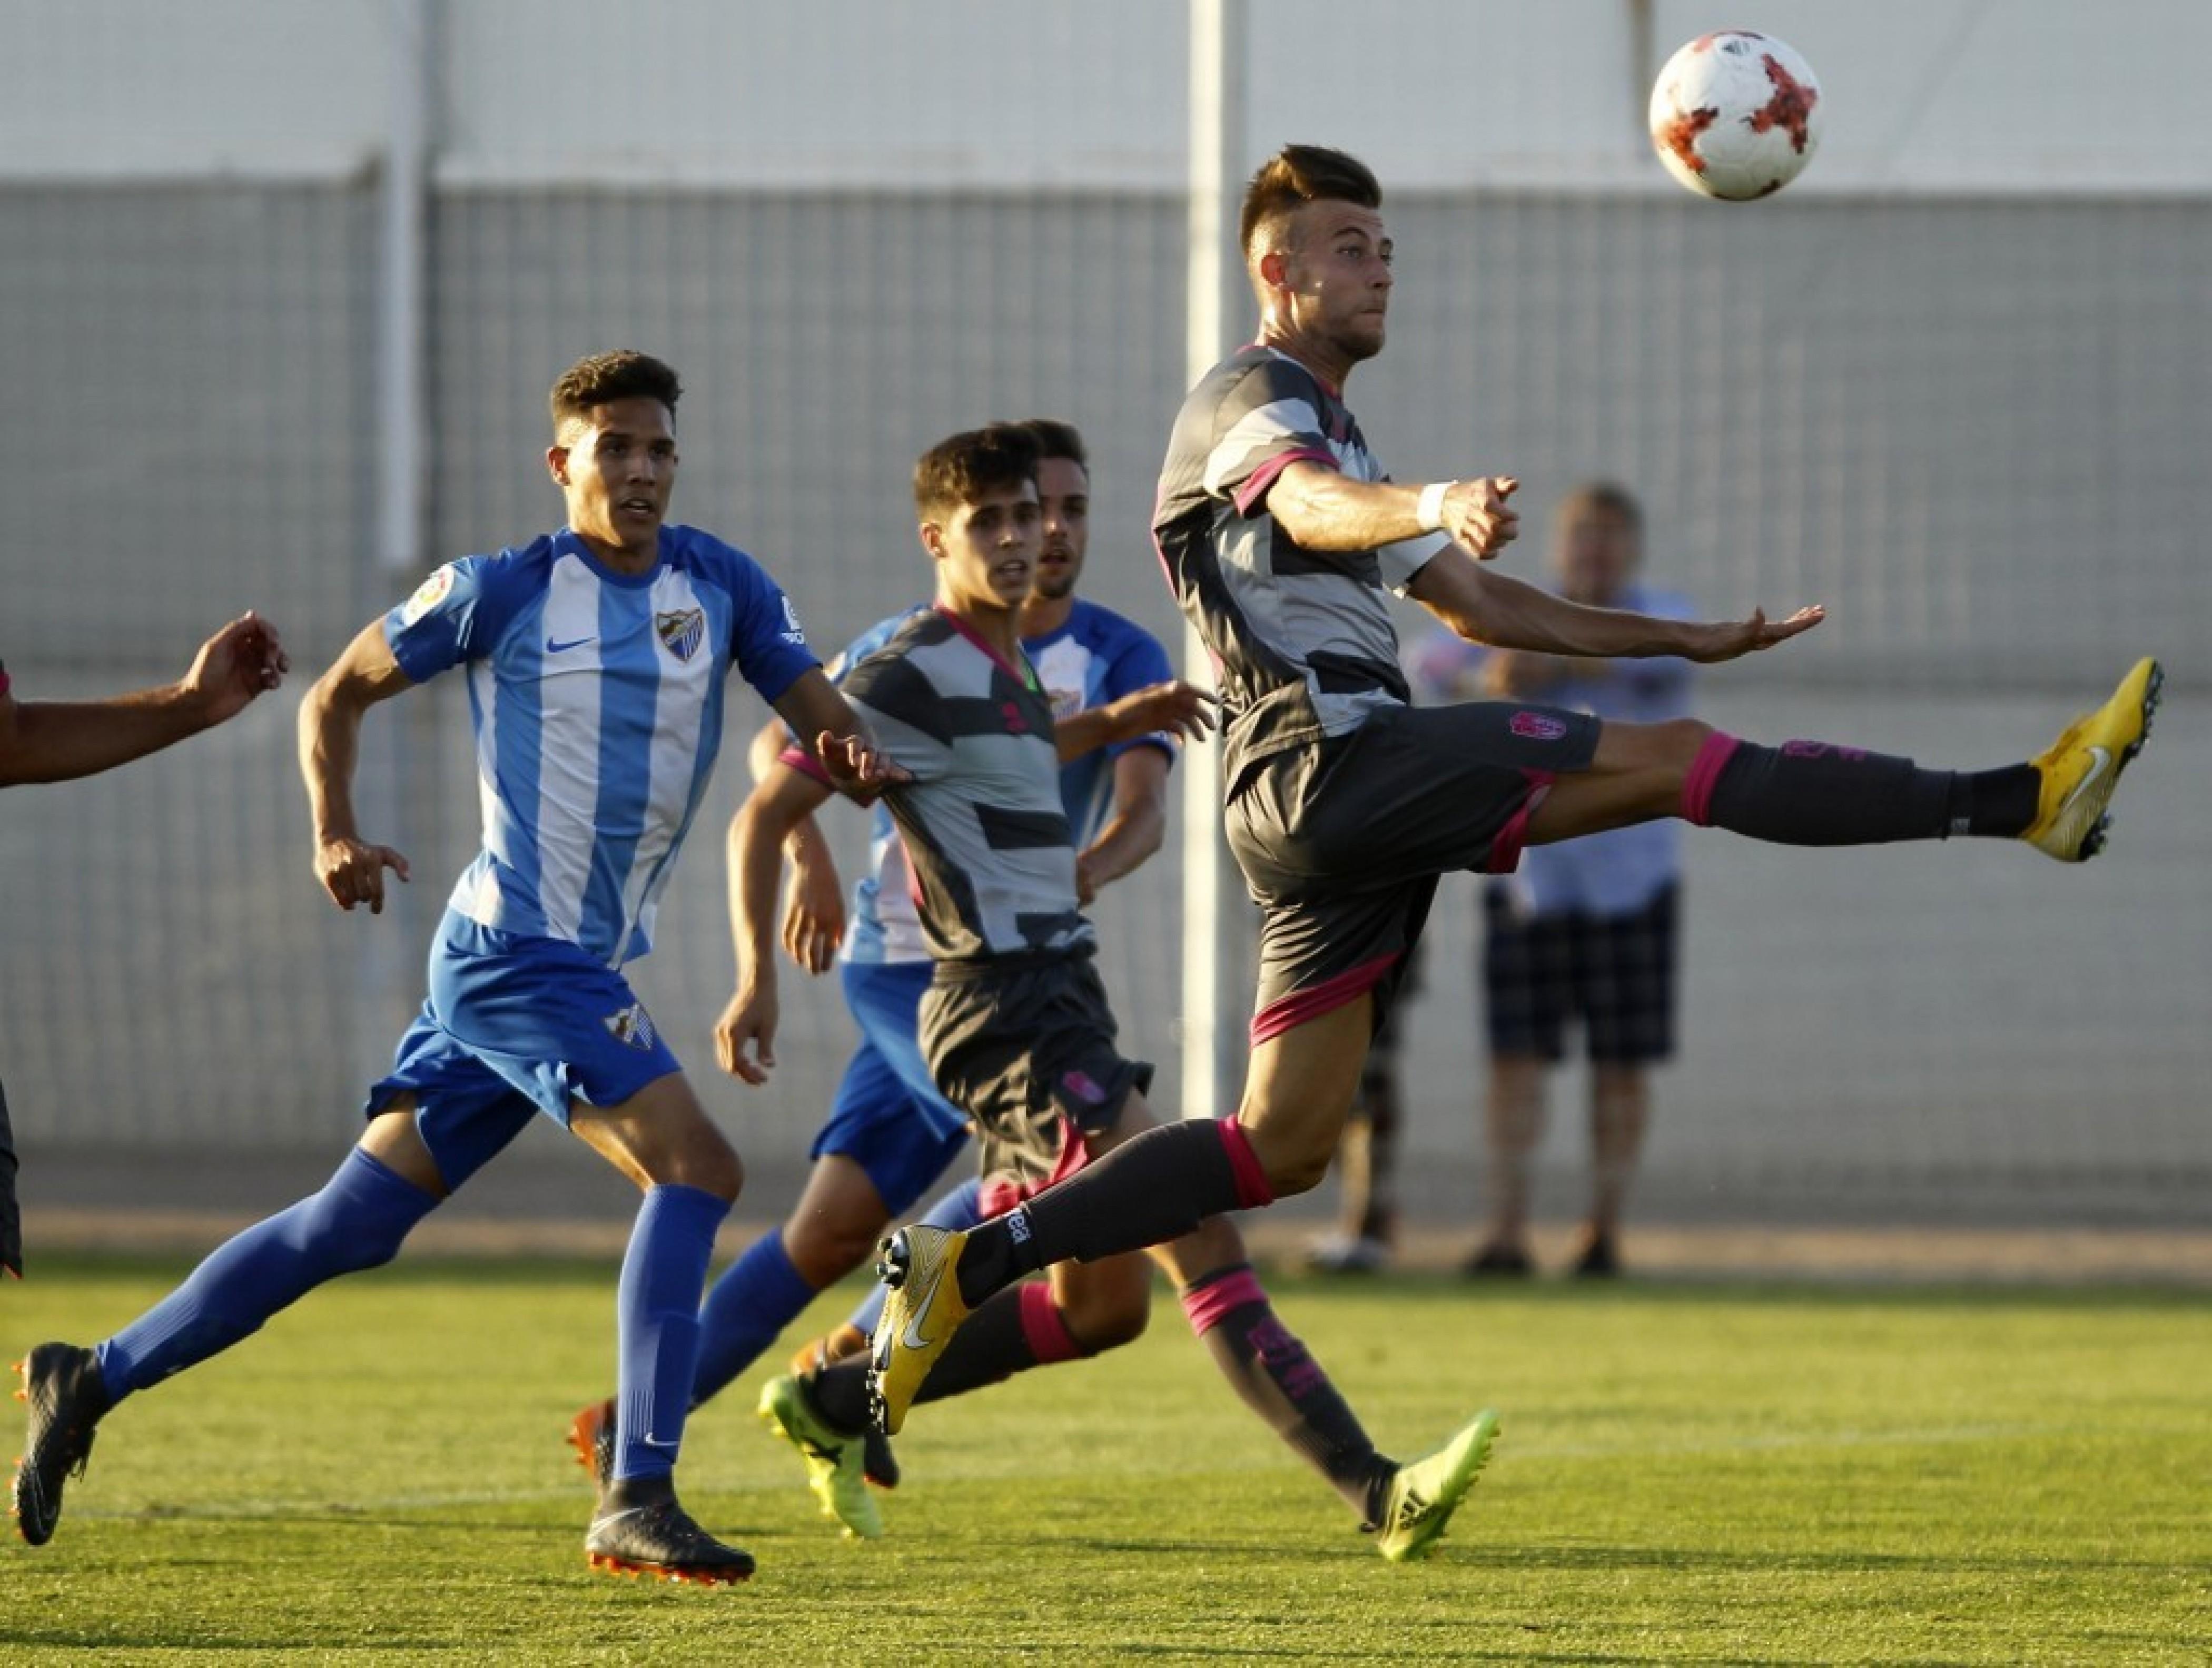 Atlético Malagueño - Recreativo Granada: partido 'trampa'